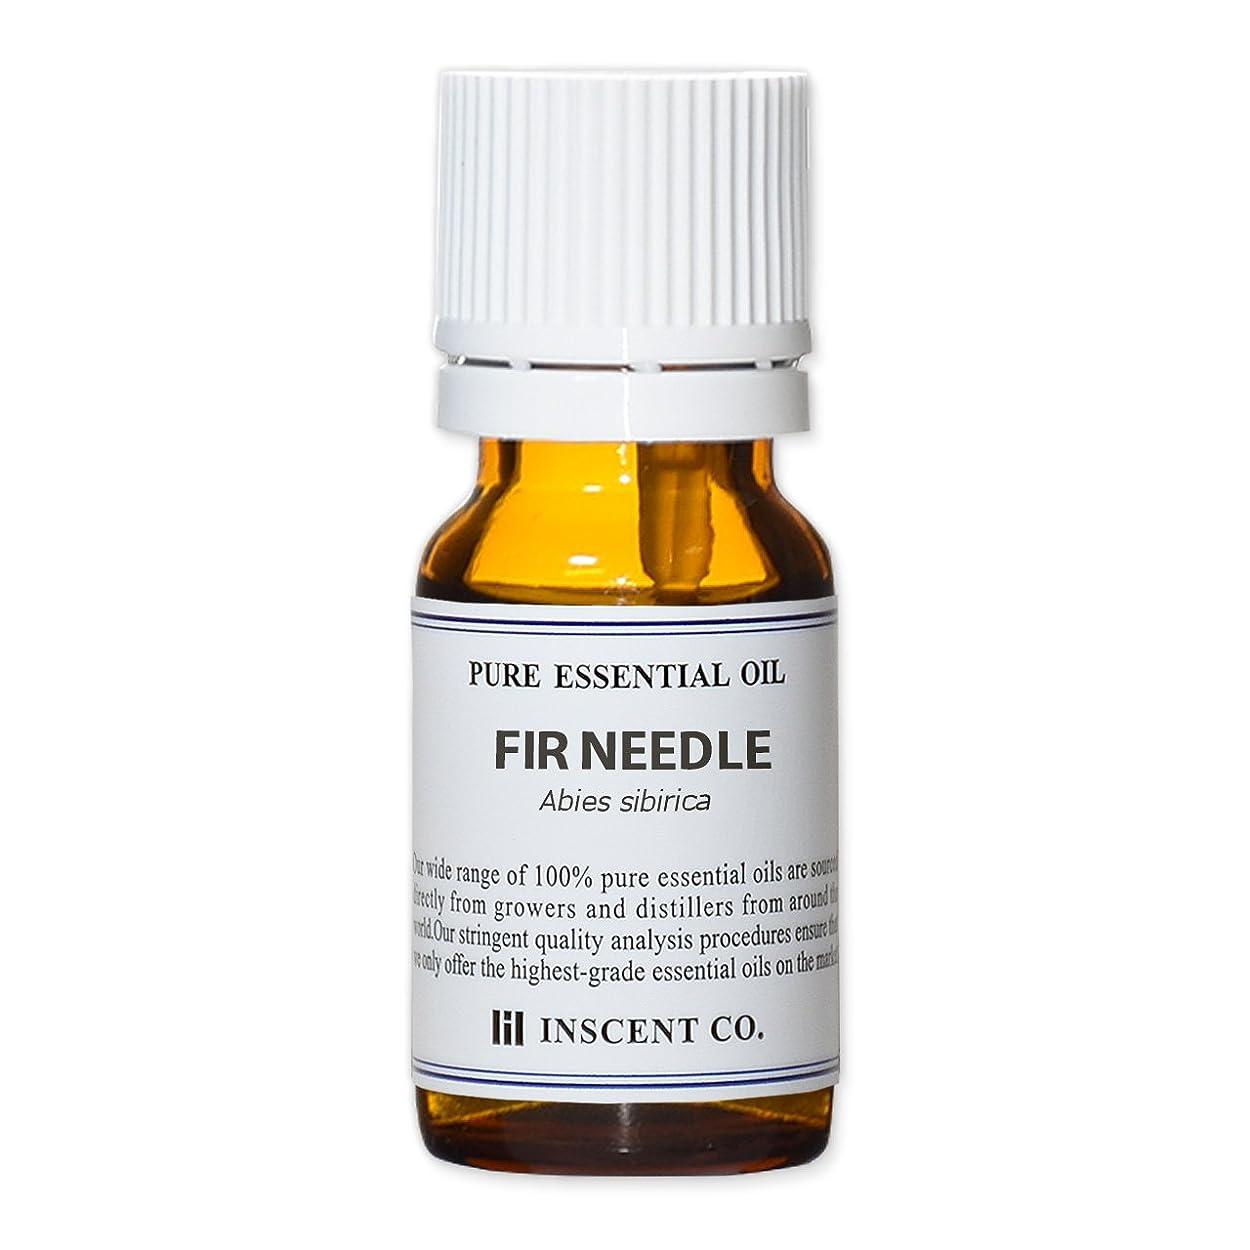 マリナー免疫始まりファーニードル (パインニードル) 10ml インセント アロマオイル AEAJ 表示基準適合認定精油